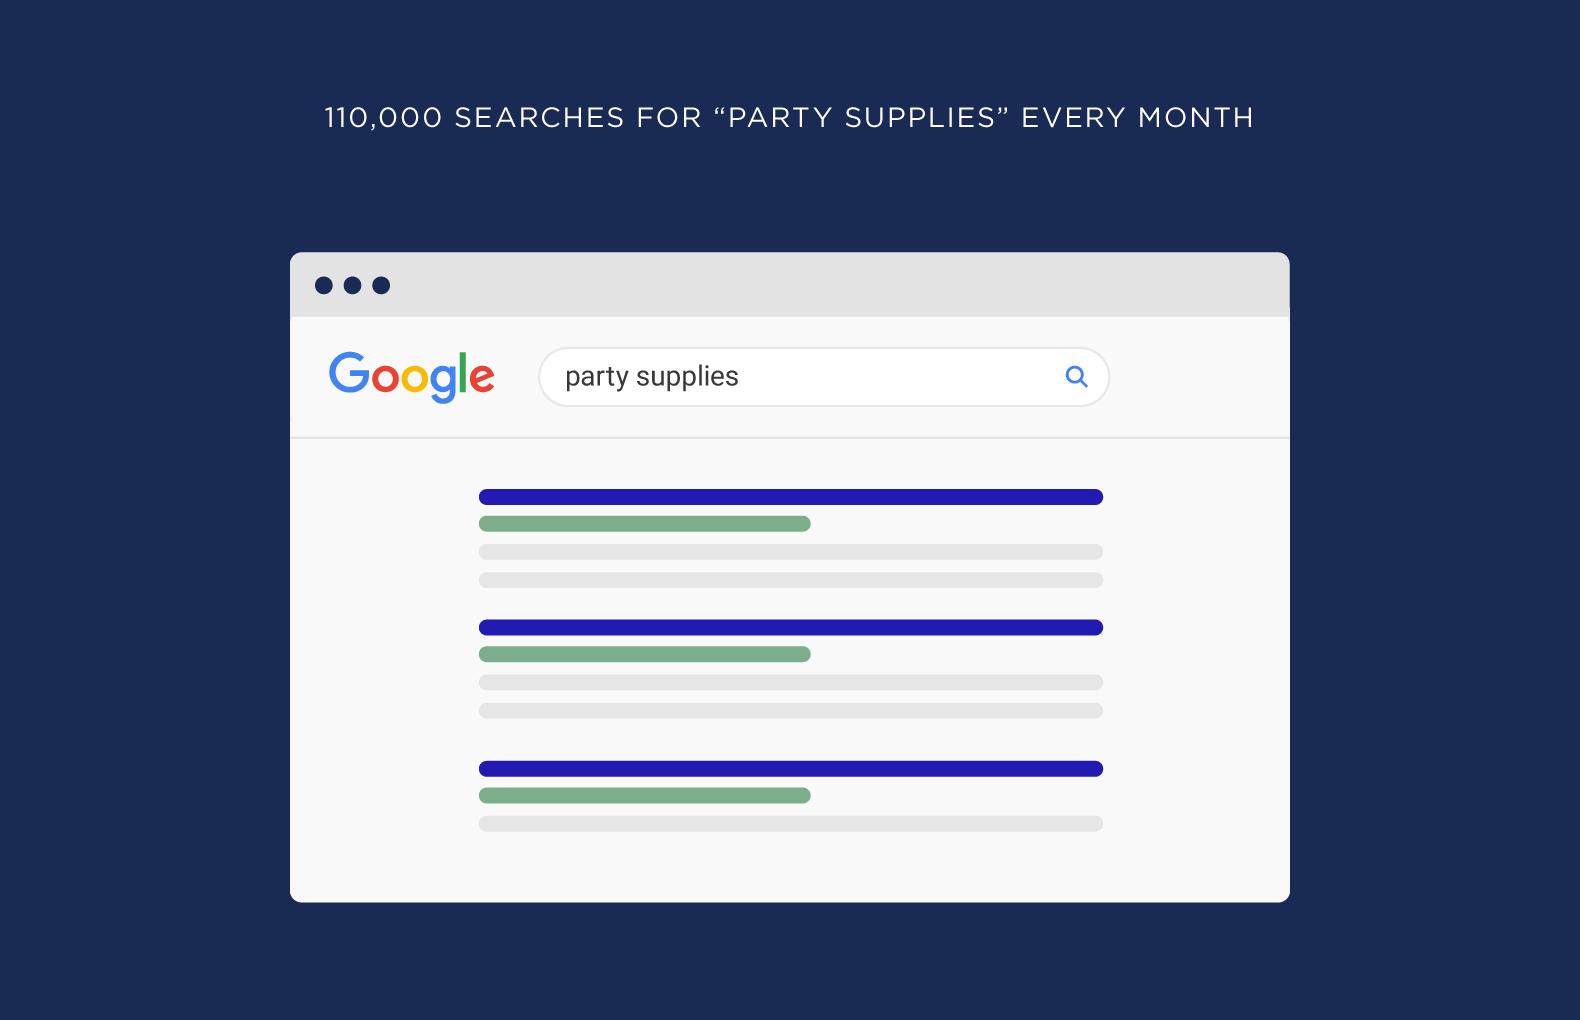 تعداد جستجوها